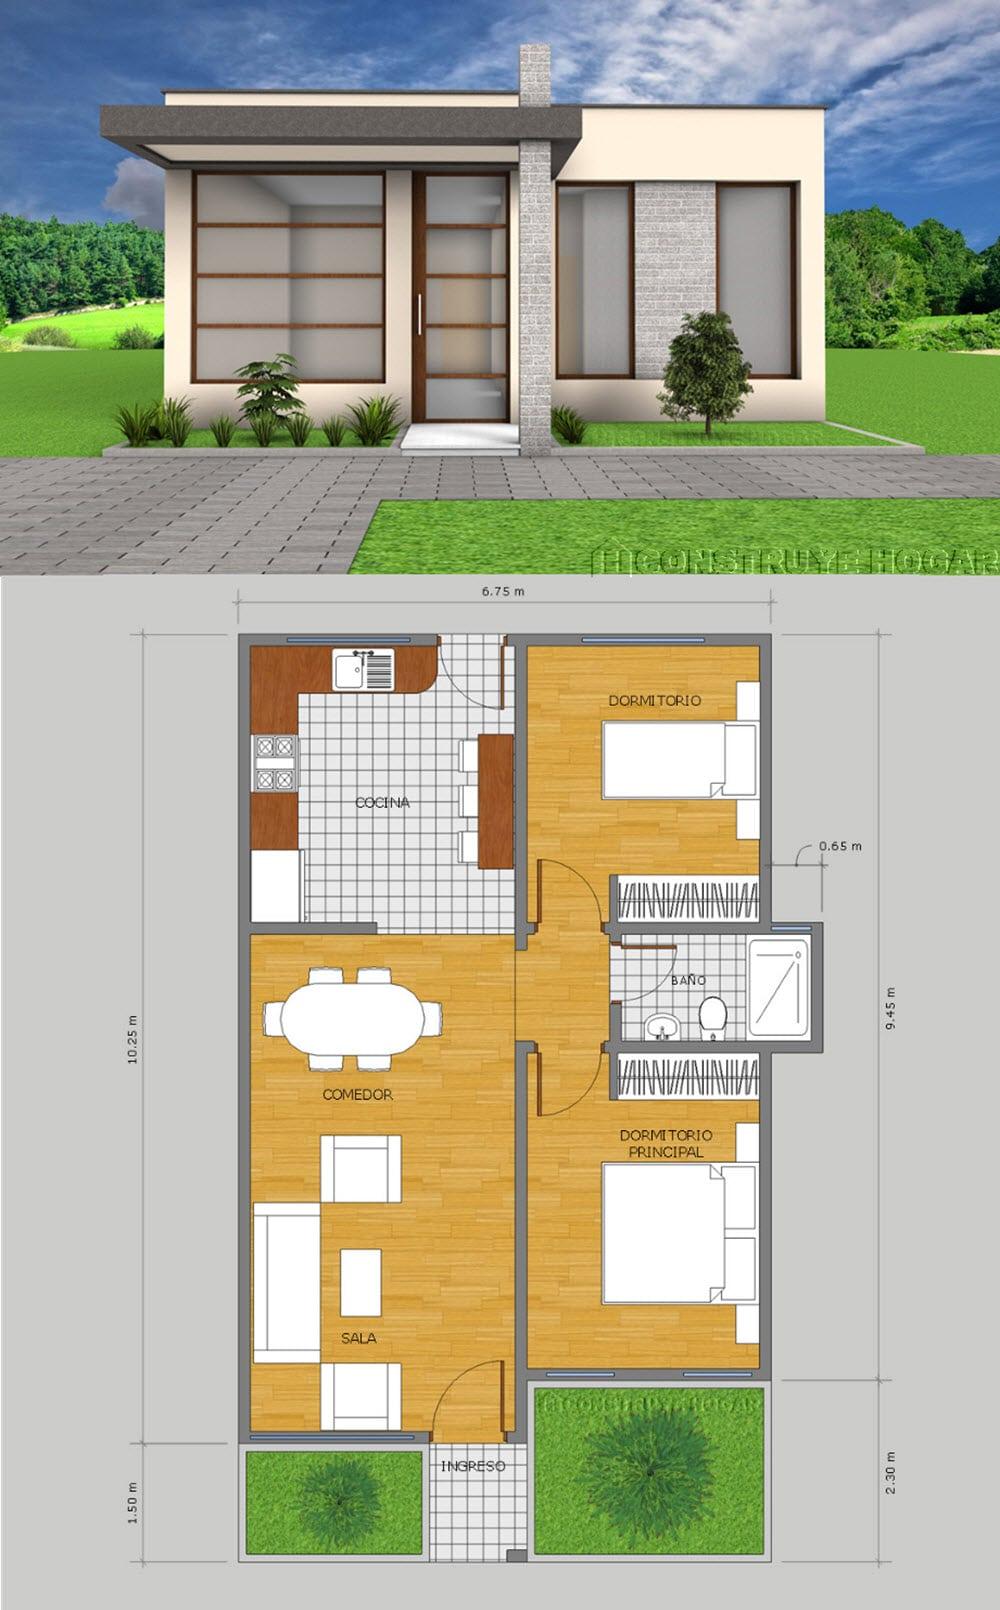 Diseño de fachada y planos de casa pequeña